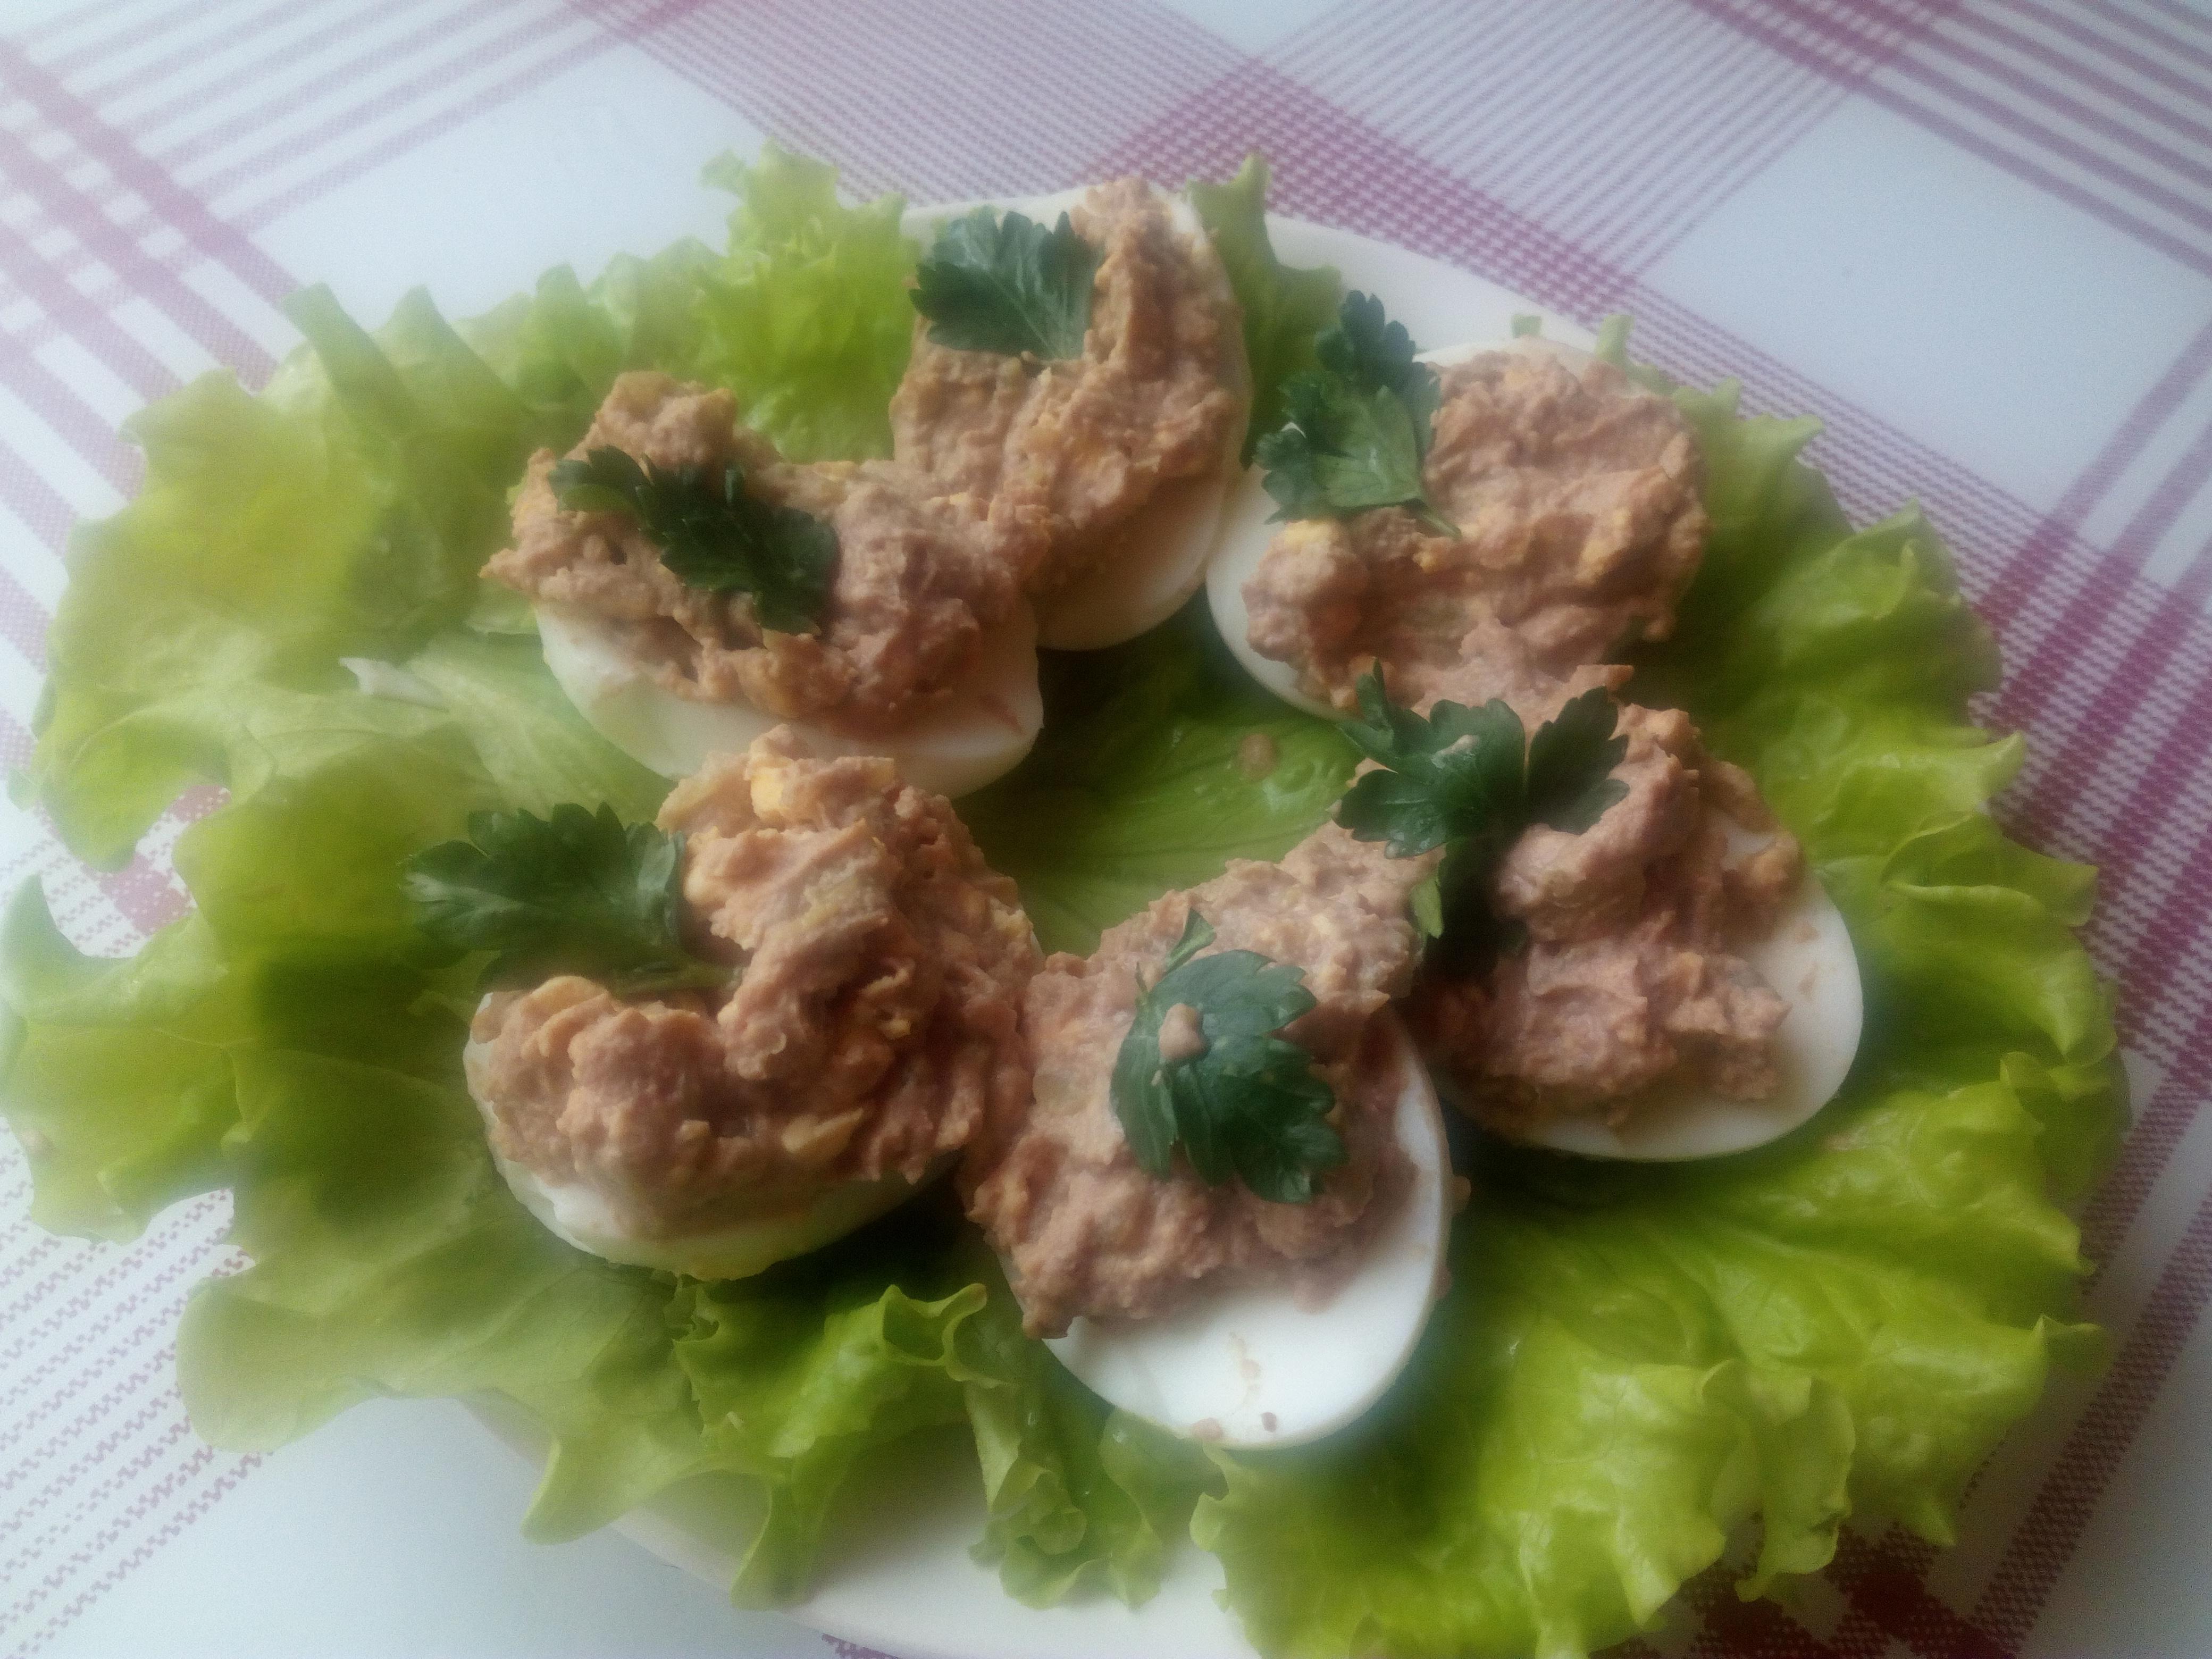 Всем доброго времени суток! Сегодня будем готовить закуску яйца фаршированные паштетом из гусиной печени.  Для приготовления закуски яйца фаршированные паштетом из гусиной печени нам понадобятся следующие ингредиенты: 1 Куриные яйца – 5 шт. 2 Гусиный паштет из печени – 100 г. 3 Соленые огурцы – 2шт. 4 Майонез 5 Зелень петрушки и салат. Отварить куриные яйца до полной готовности, затем разрезать пополам и удалить желток. Выложить гусиный паштет из печени в отдельную чашу, добавить желтки от готовых яиц, натереть на мелкой терке соленый огурец и все очень тщательно перемешать. Массой, которая получилась заправить яйца.  Украсить блюдо листьями салата и петрушкой.  Можно добавить по вкусу майонез. Закуска яйца фаршированные паштетом готова! Приятного аппетита! Если вдруг вам непонятно порядок приготовления, то можно посмотреть видео с пошаговым приготовлением рецепта закуска яйца фаршированные паштетом.